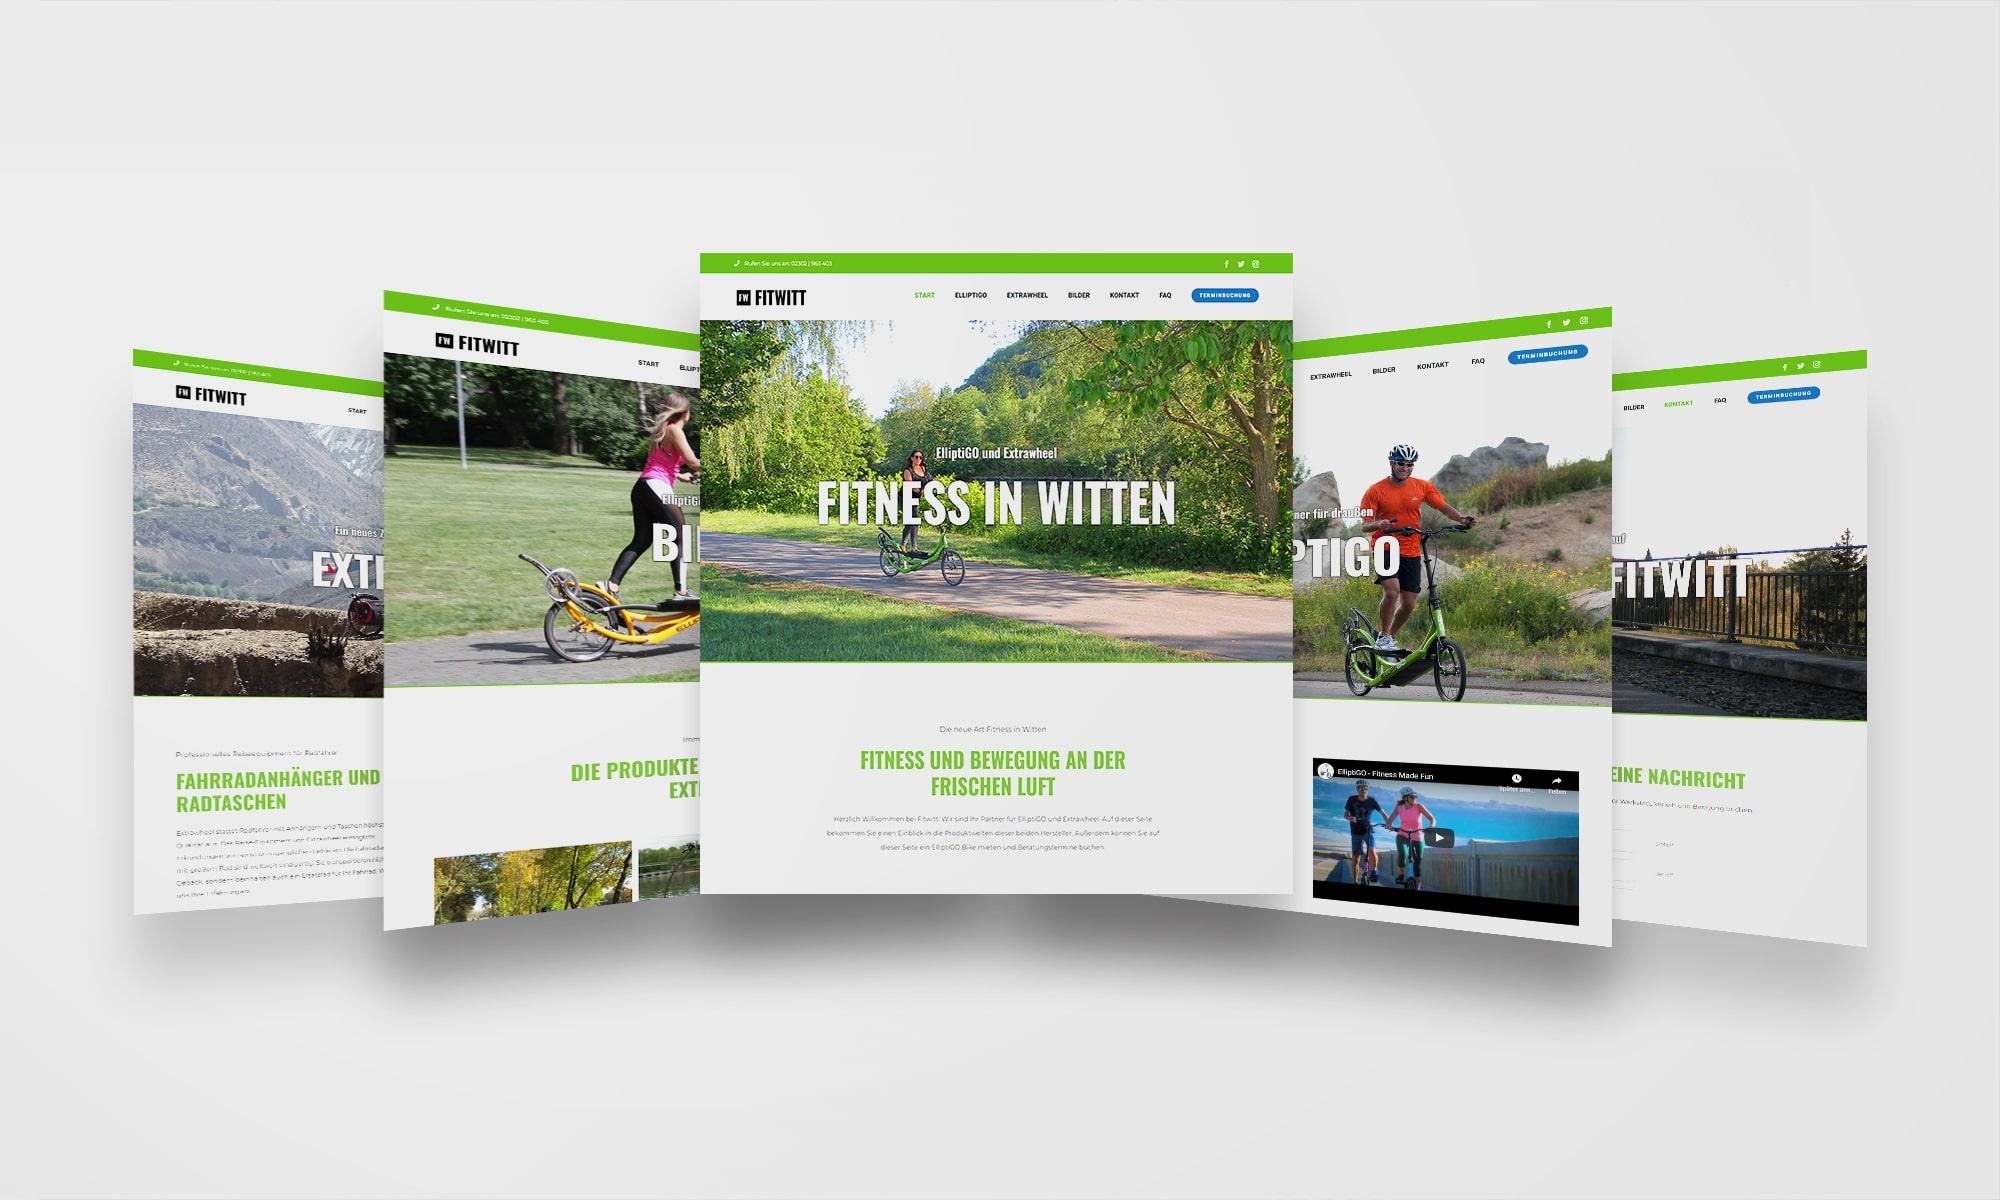 Fitwitt Witten Website Webdesign 2